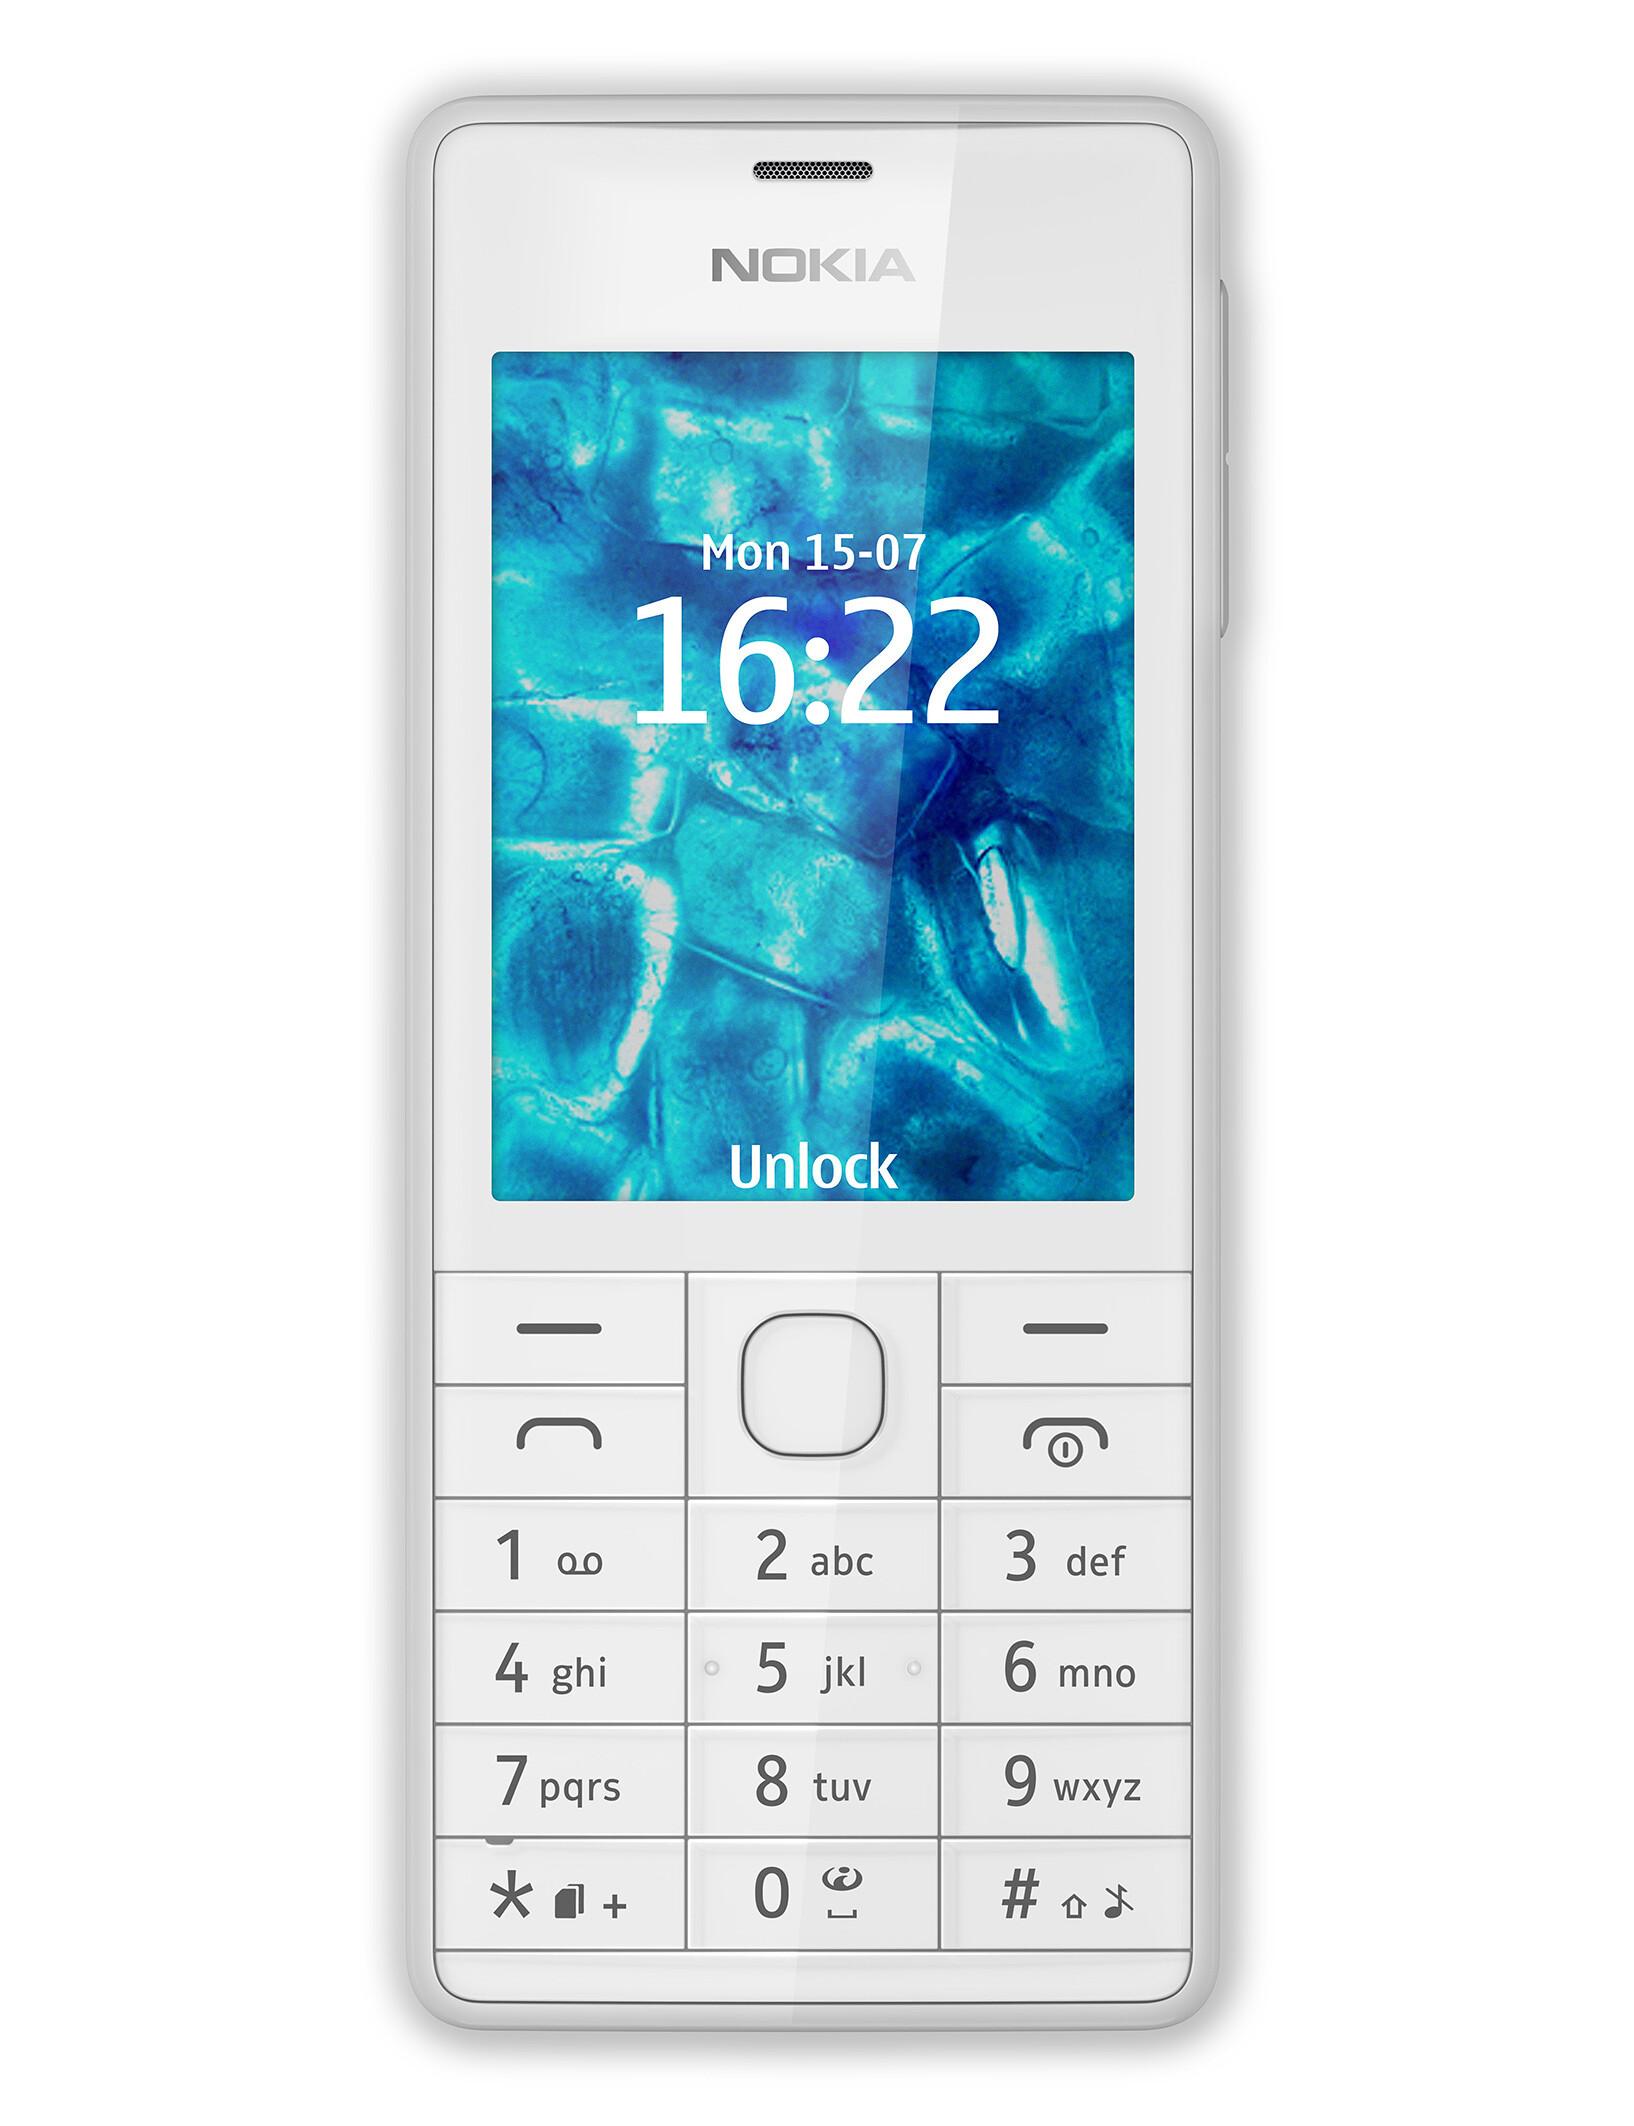 Nokia 515 Specs